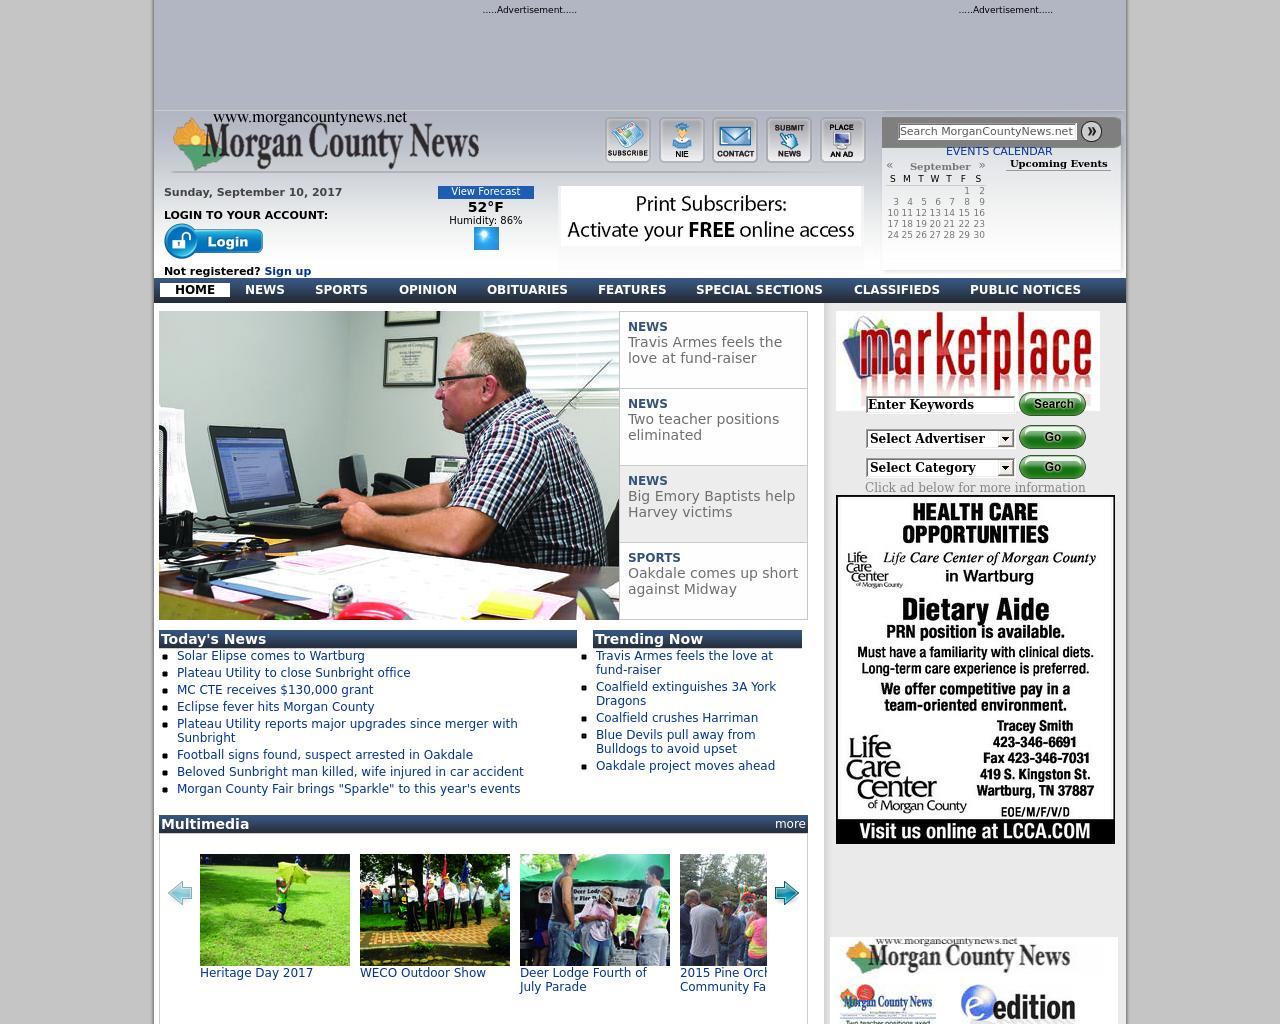 Morgan-County-News-Advertising-Reviews-Pricing